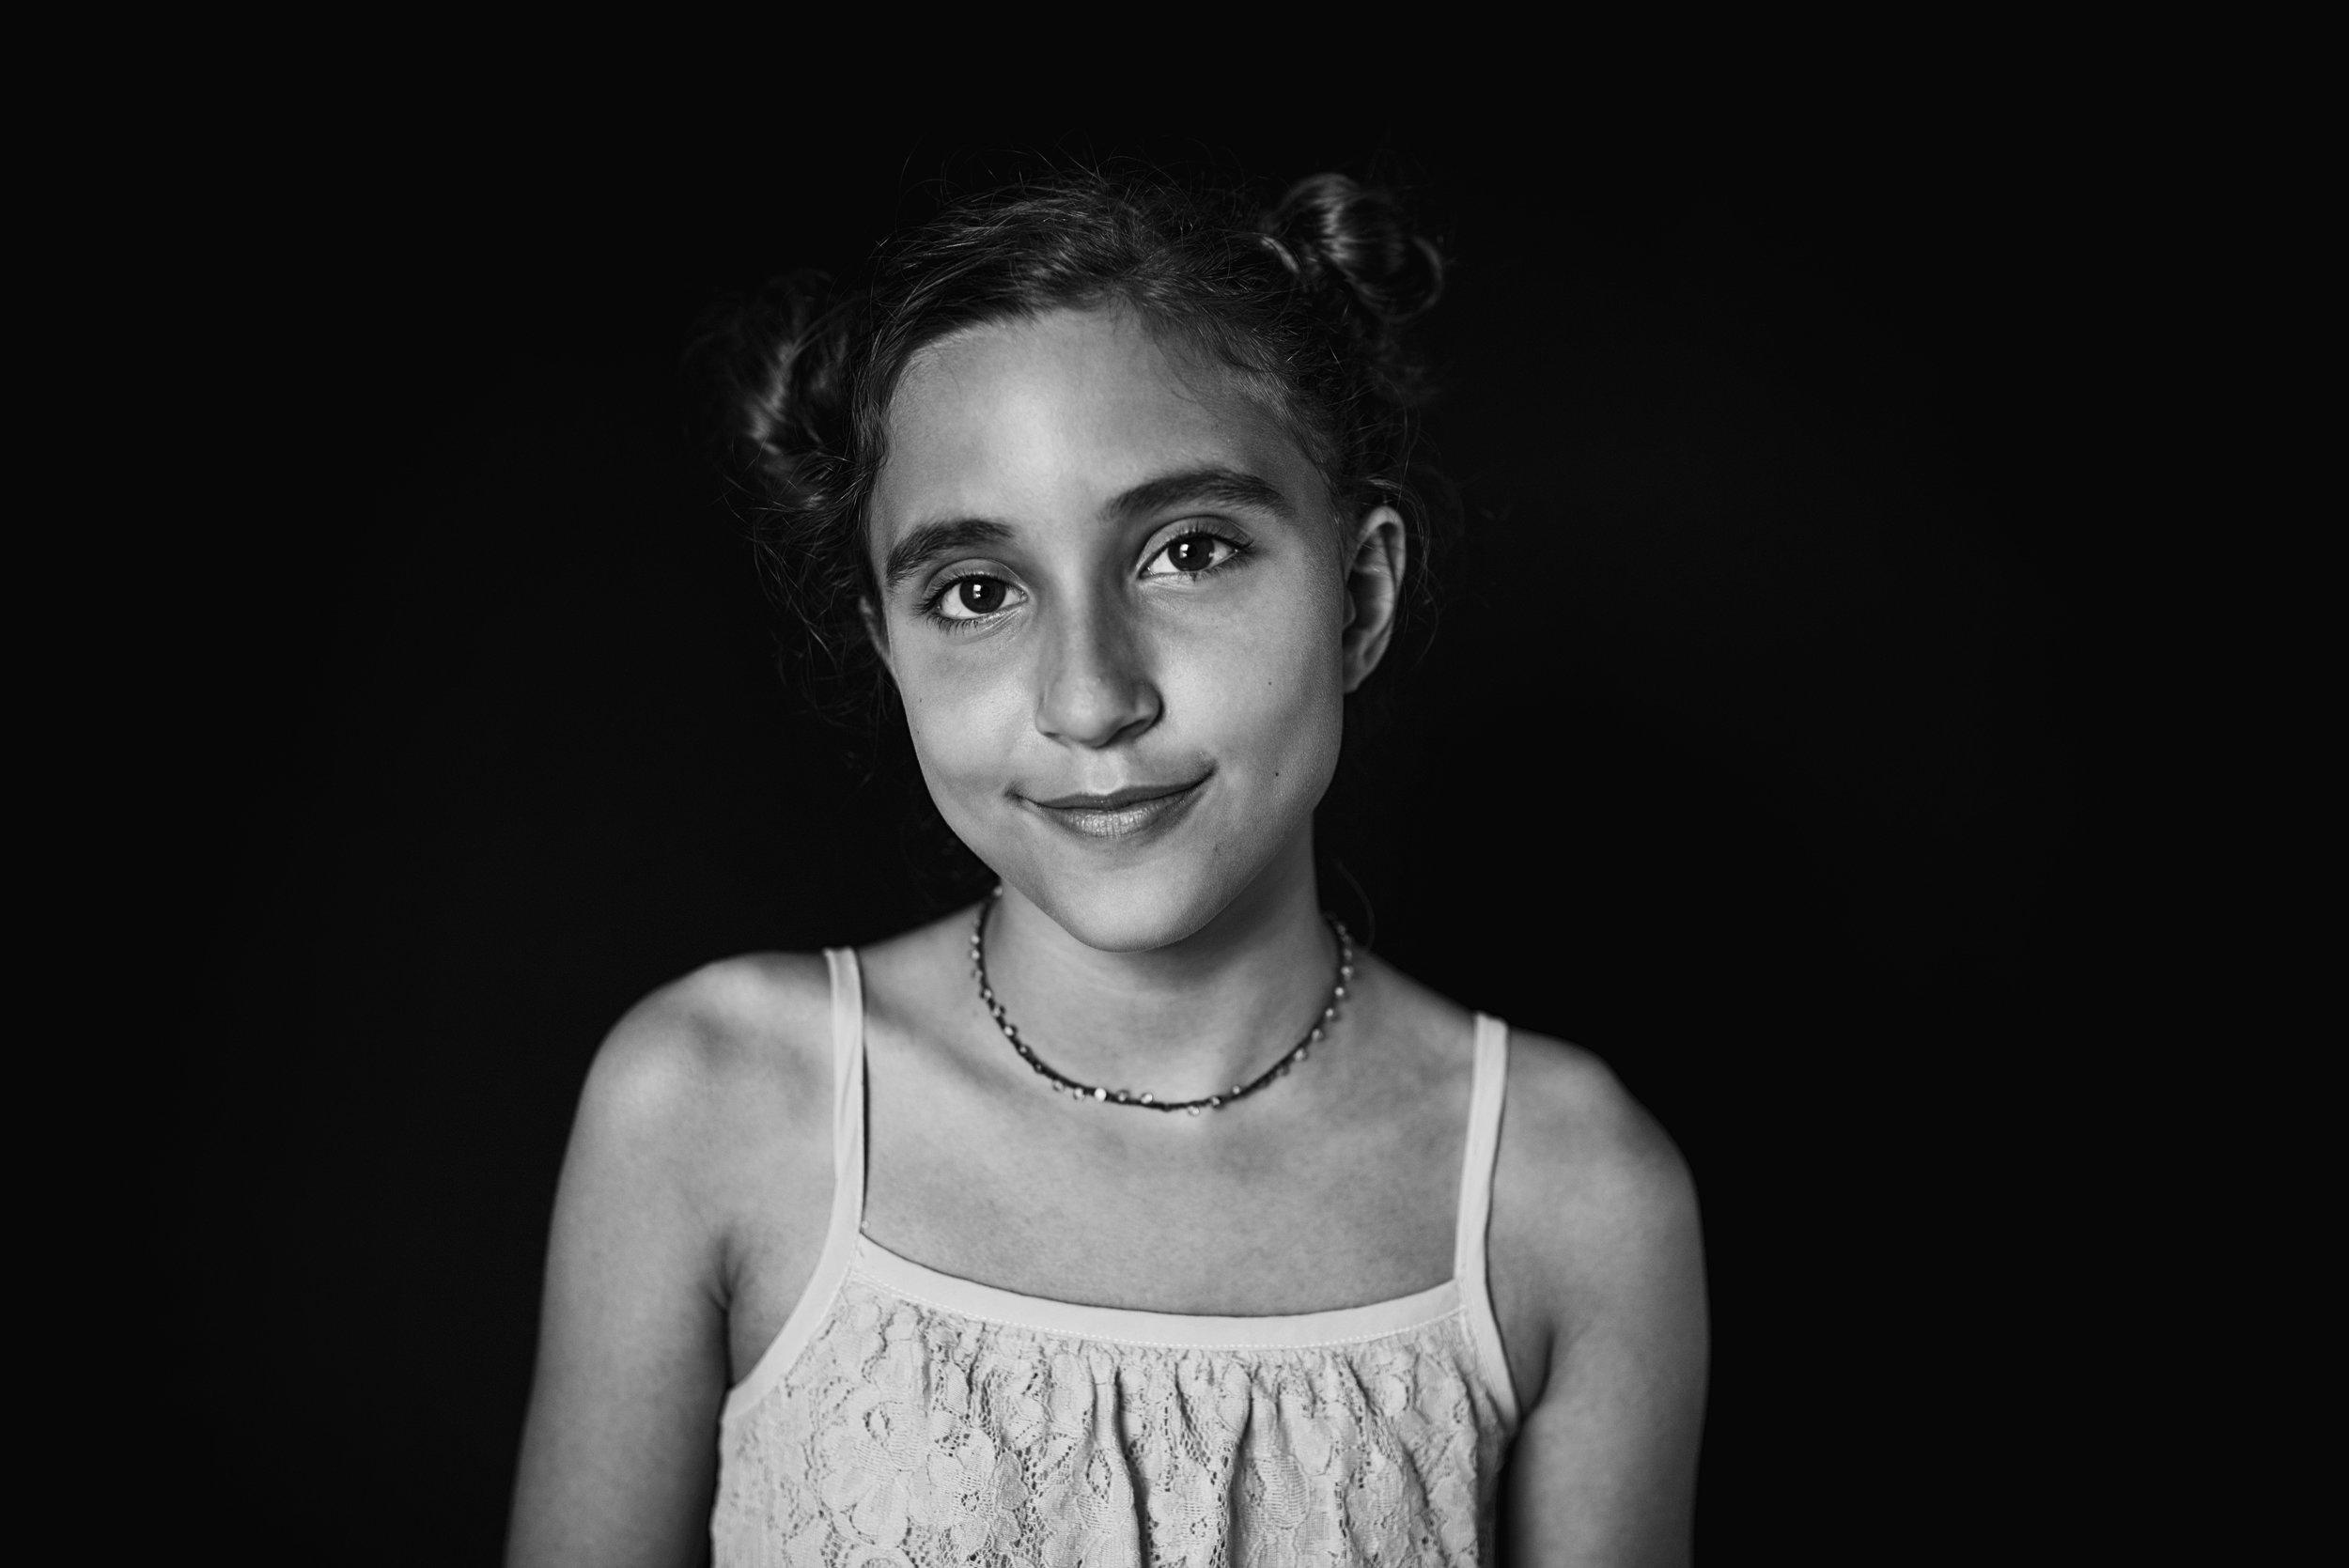 Richmond boutique school photography showcases children's unique personalities.